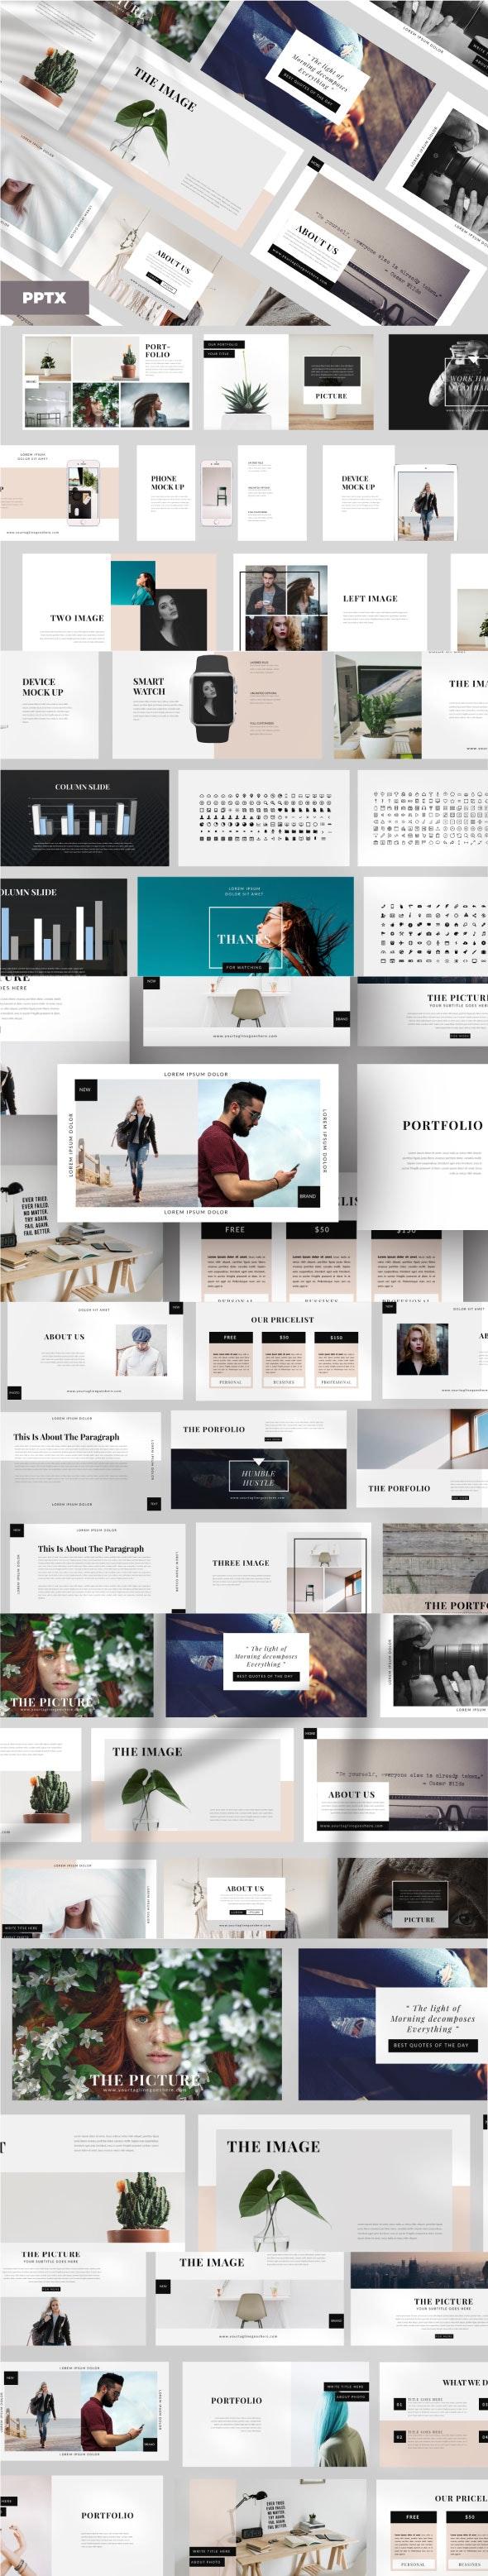 Elegant Business Google Slides - Google Slides Presentation Templates